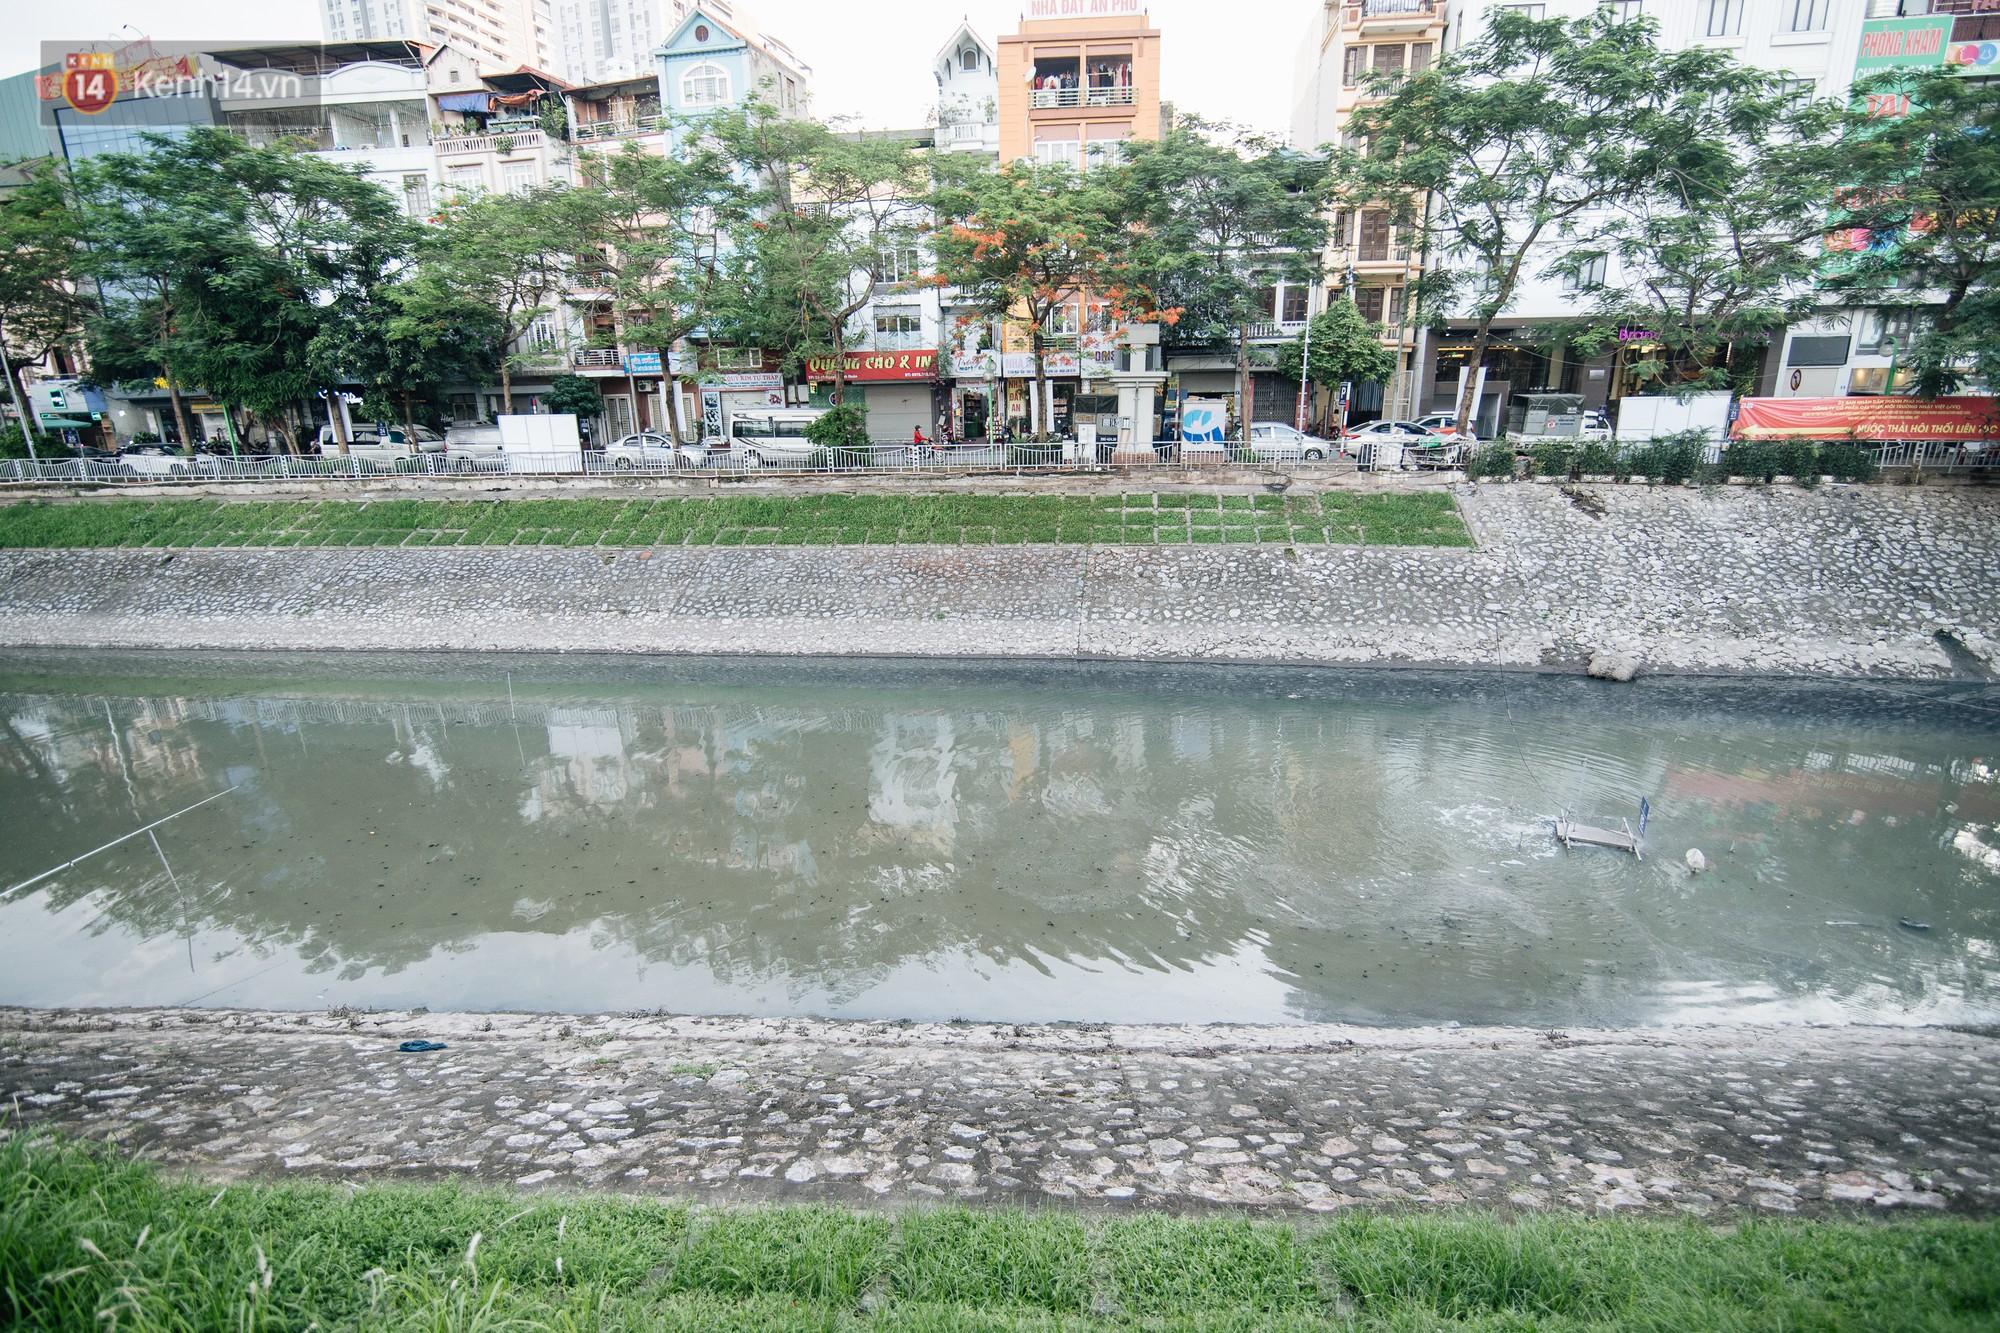 Sông Tô Lịch đổi màu sau khi làm sạch bằng công nghệ Nhật Bản: Hoa lau xanh mướt, người dân thư thả câu cá - Ảnh 4.